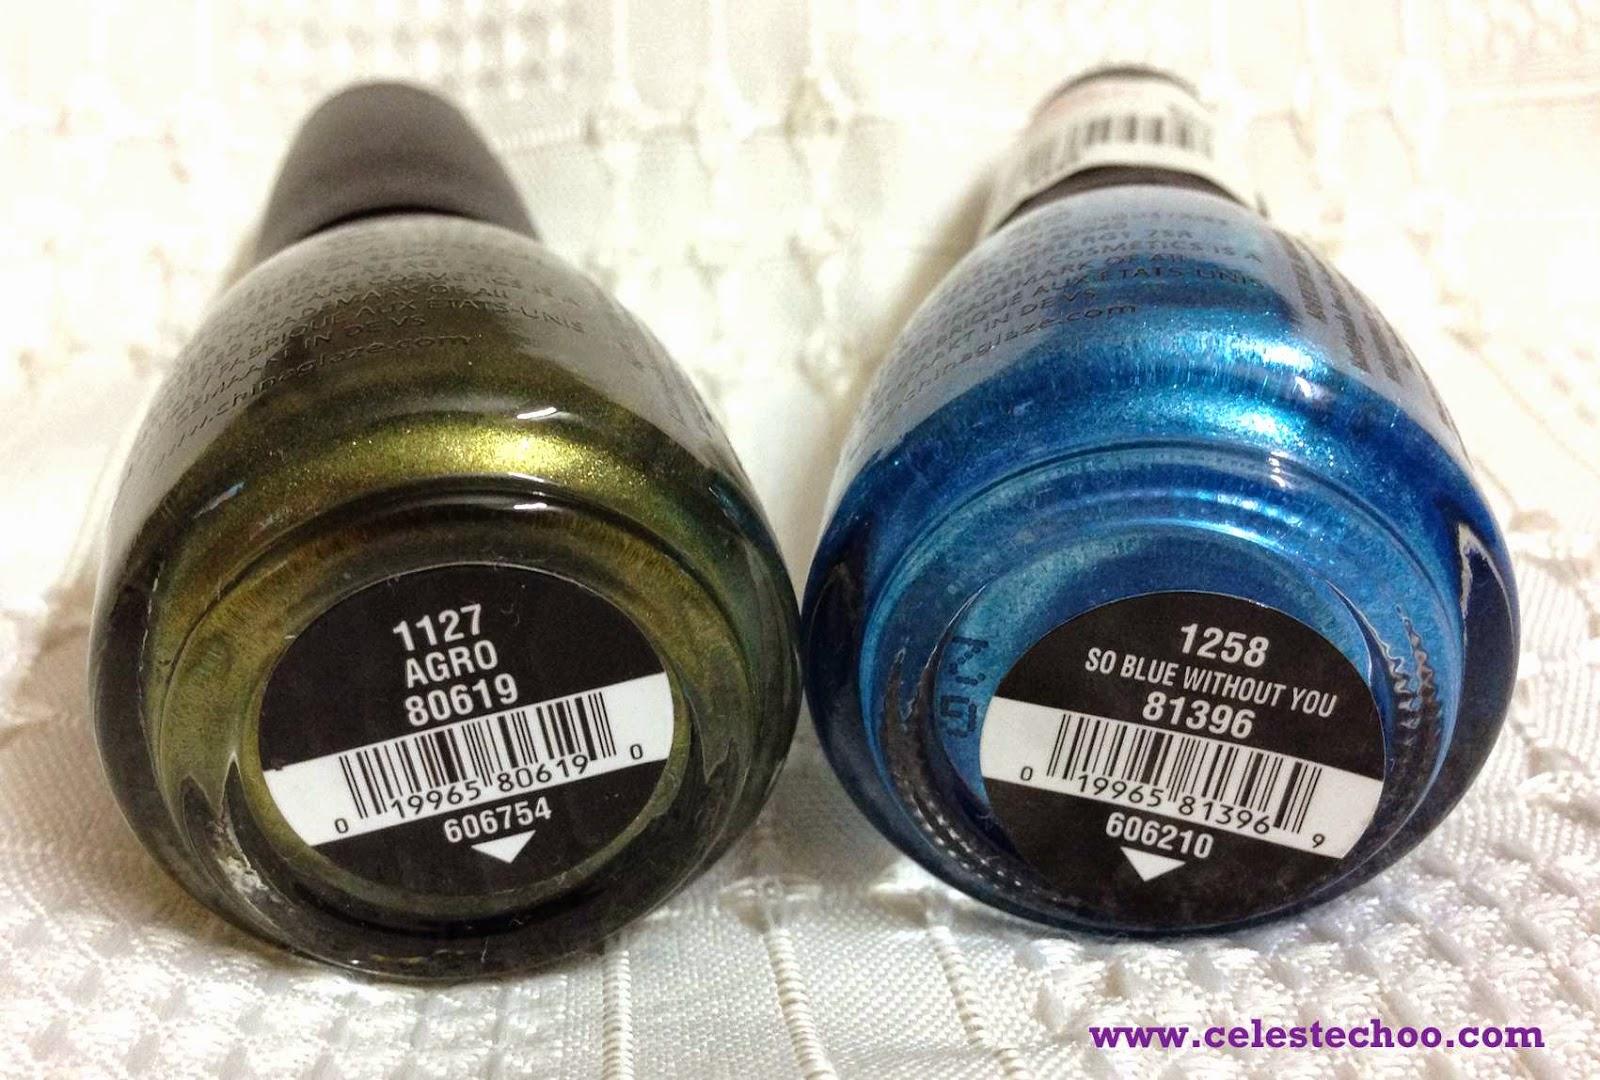 china-glaze-nail-polish-bottles